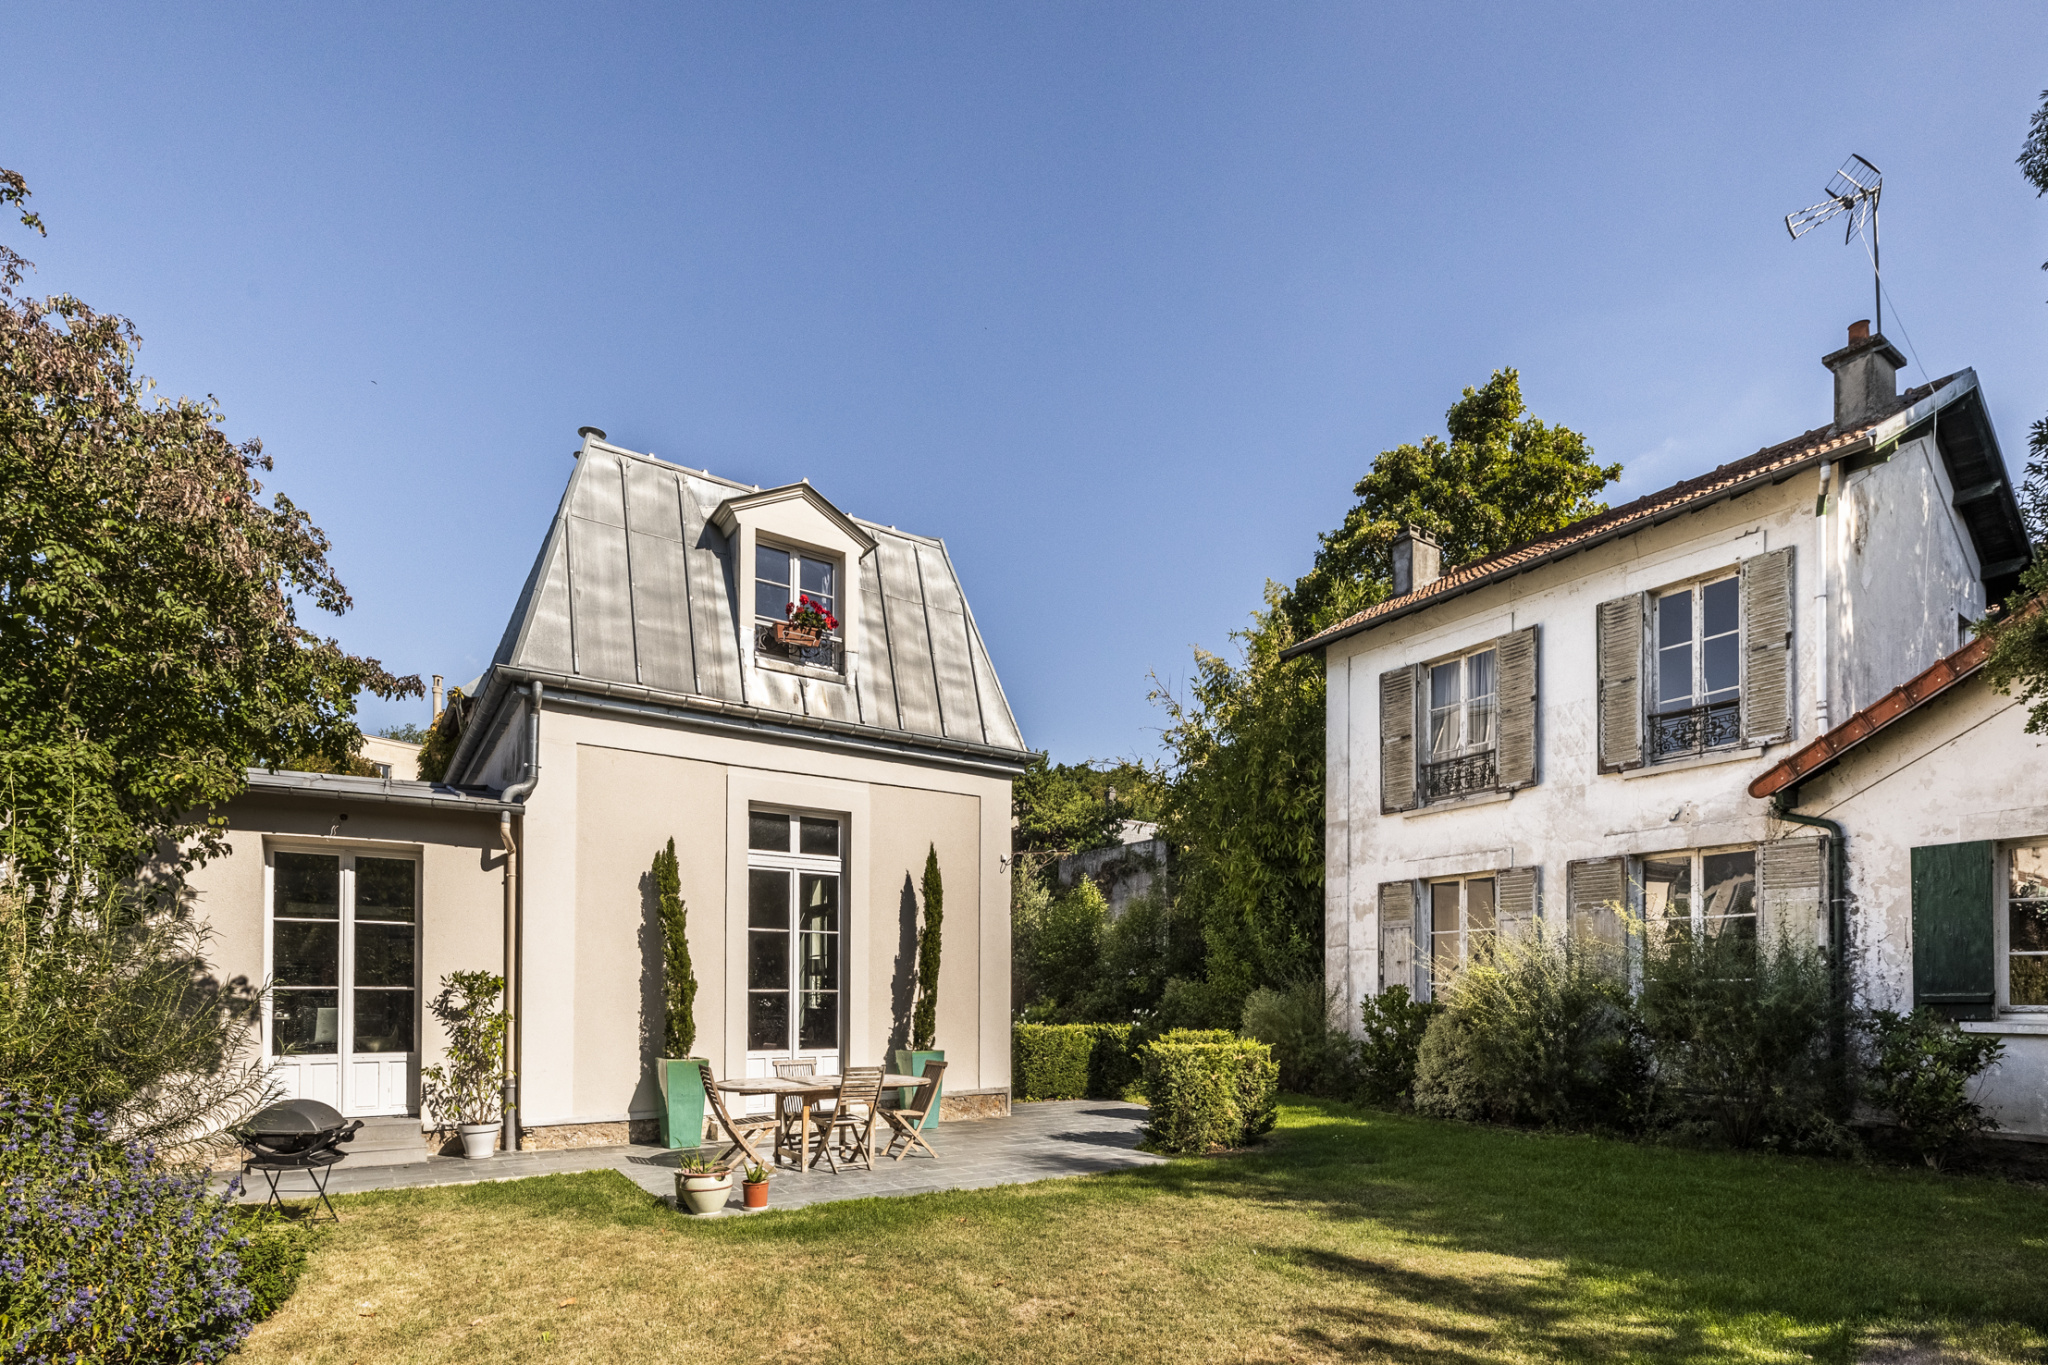 Maison À vendre - Sèvres / 92310